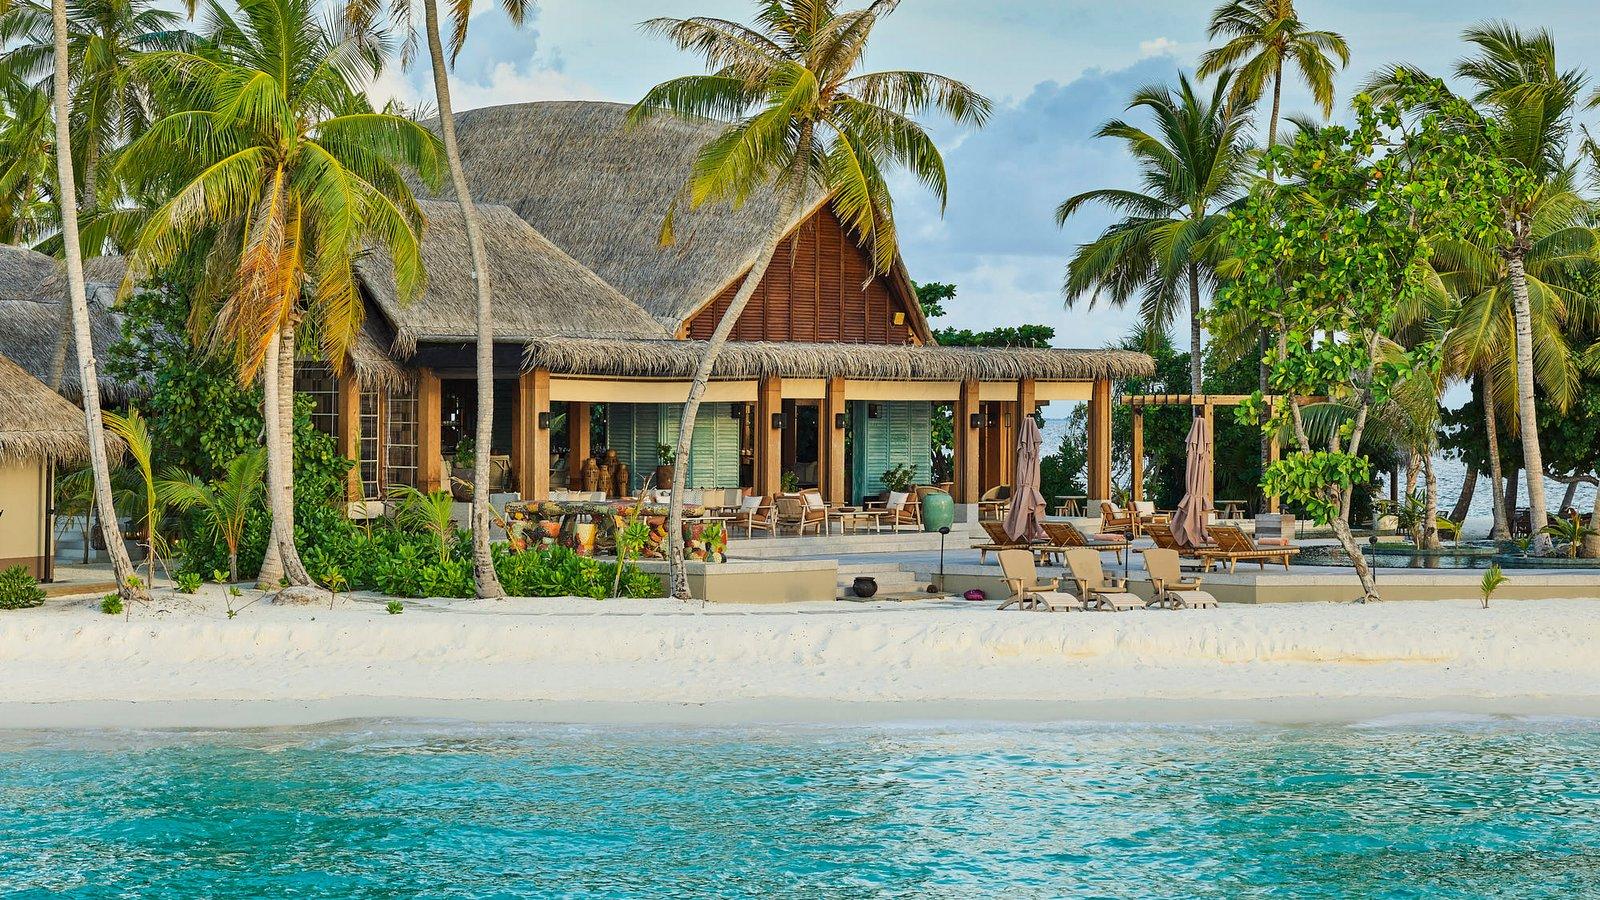 Мальдивы, отель Joali Maldives, ресторан Mura